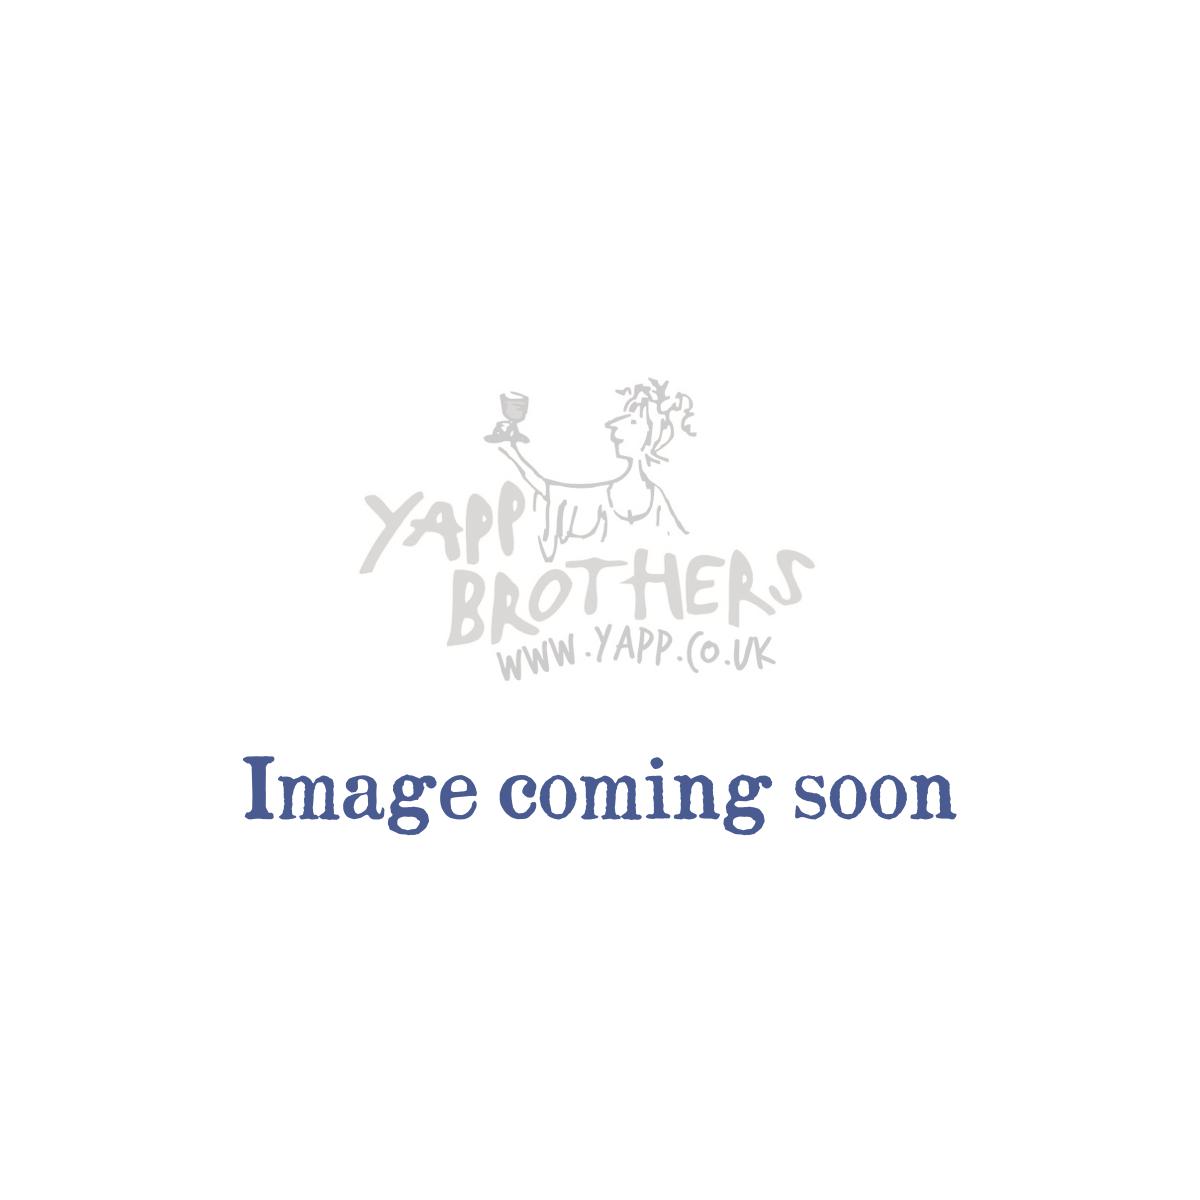 Saint-Véran: Domaine de Fa 'Les Crais' 2019 - Bottle Label Side